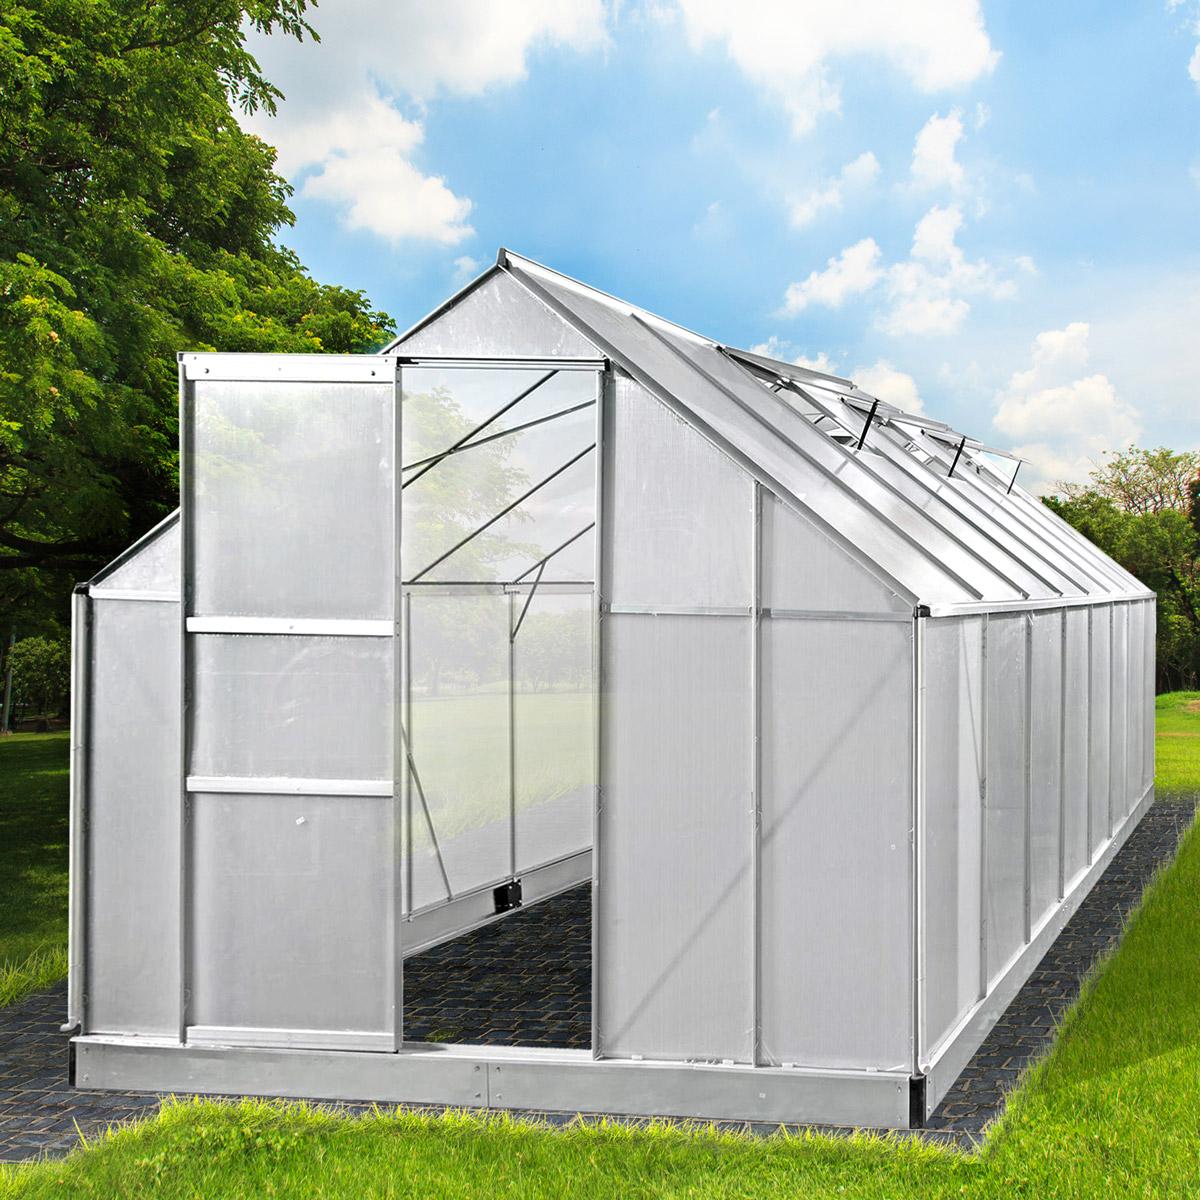 aluminium gew chshaus mit stahlfundament 19 6 m treibhaus glashaus 6mm platten ebay. Black Bedroom Furniture Sets. Home Design Ideas